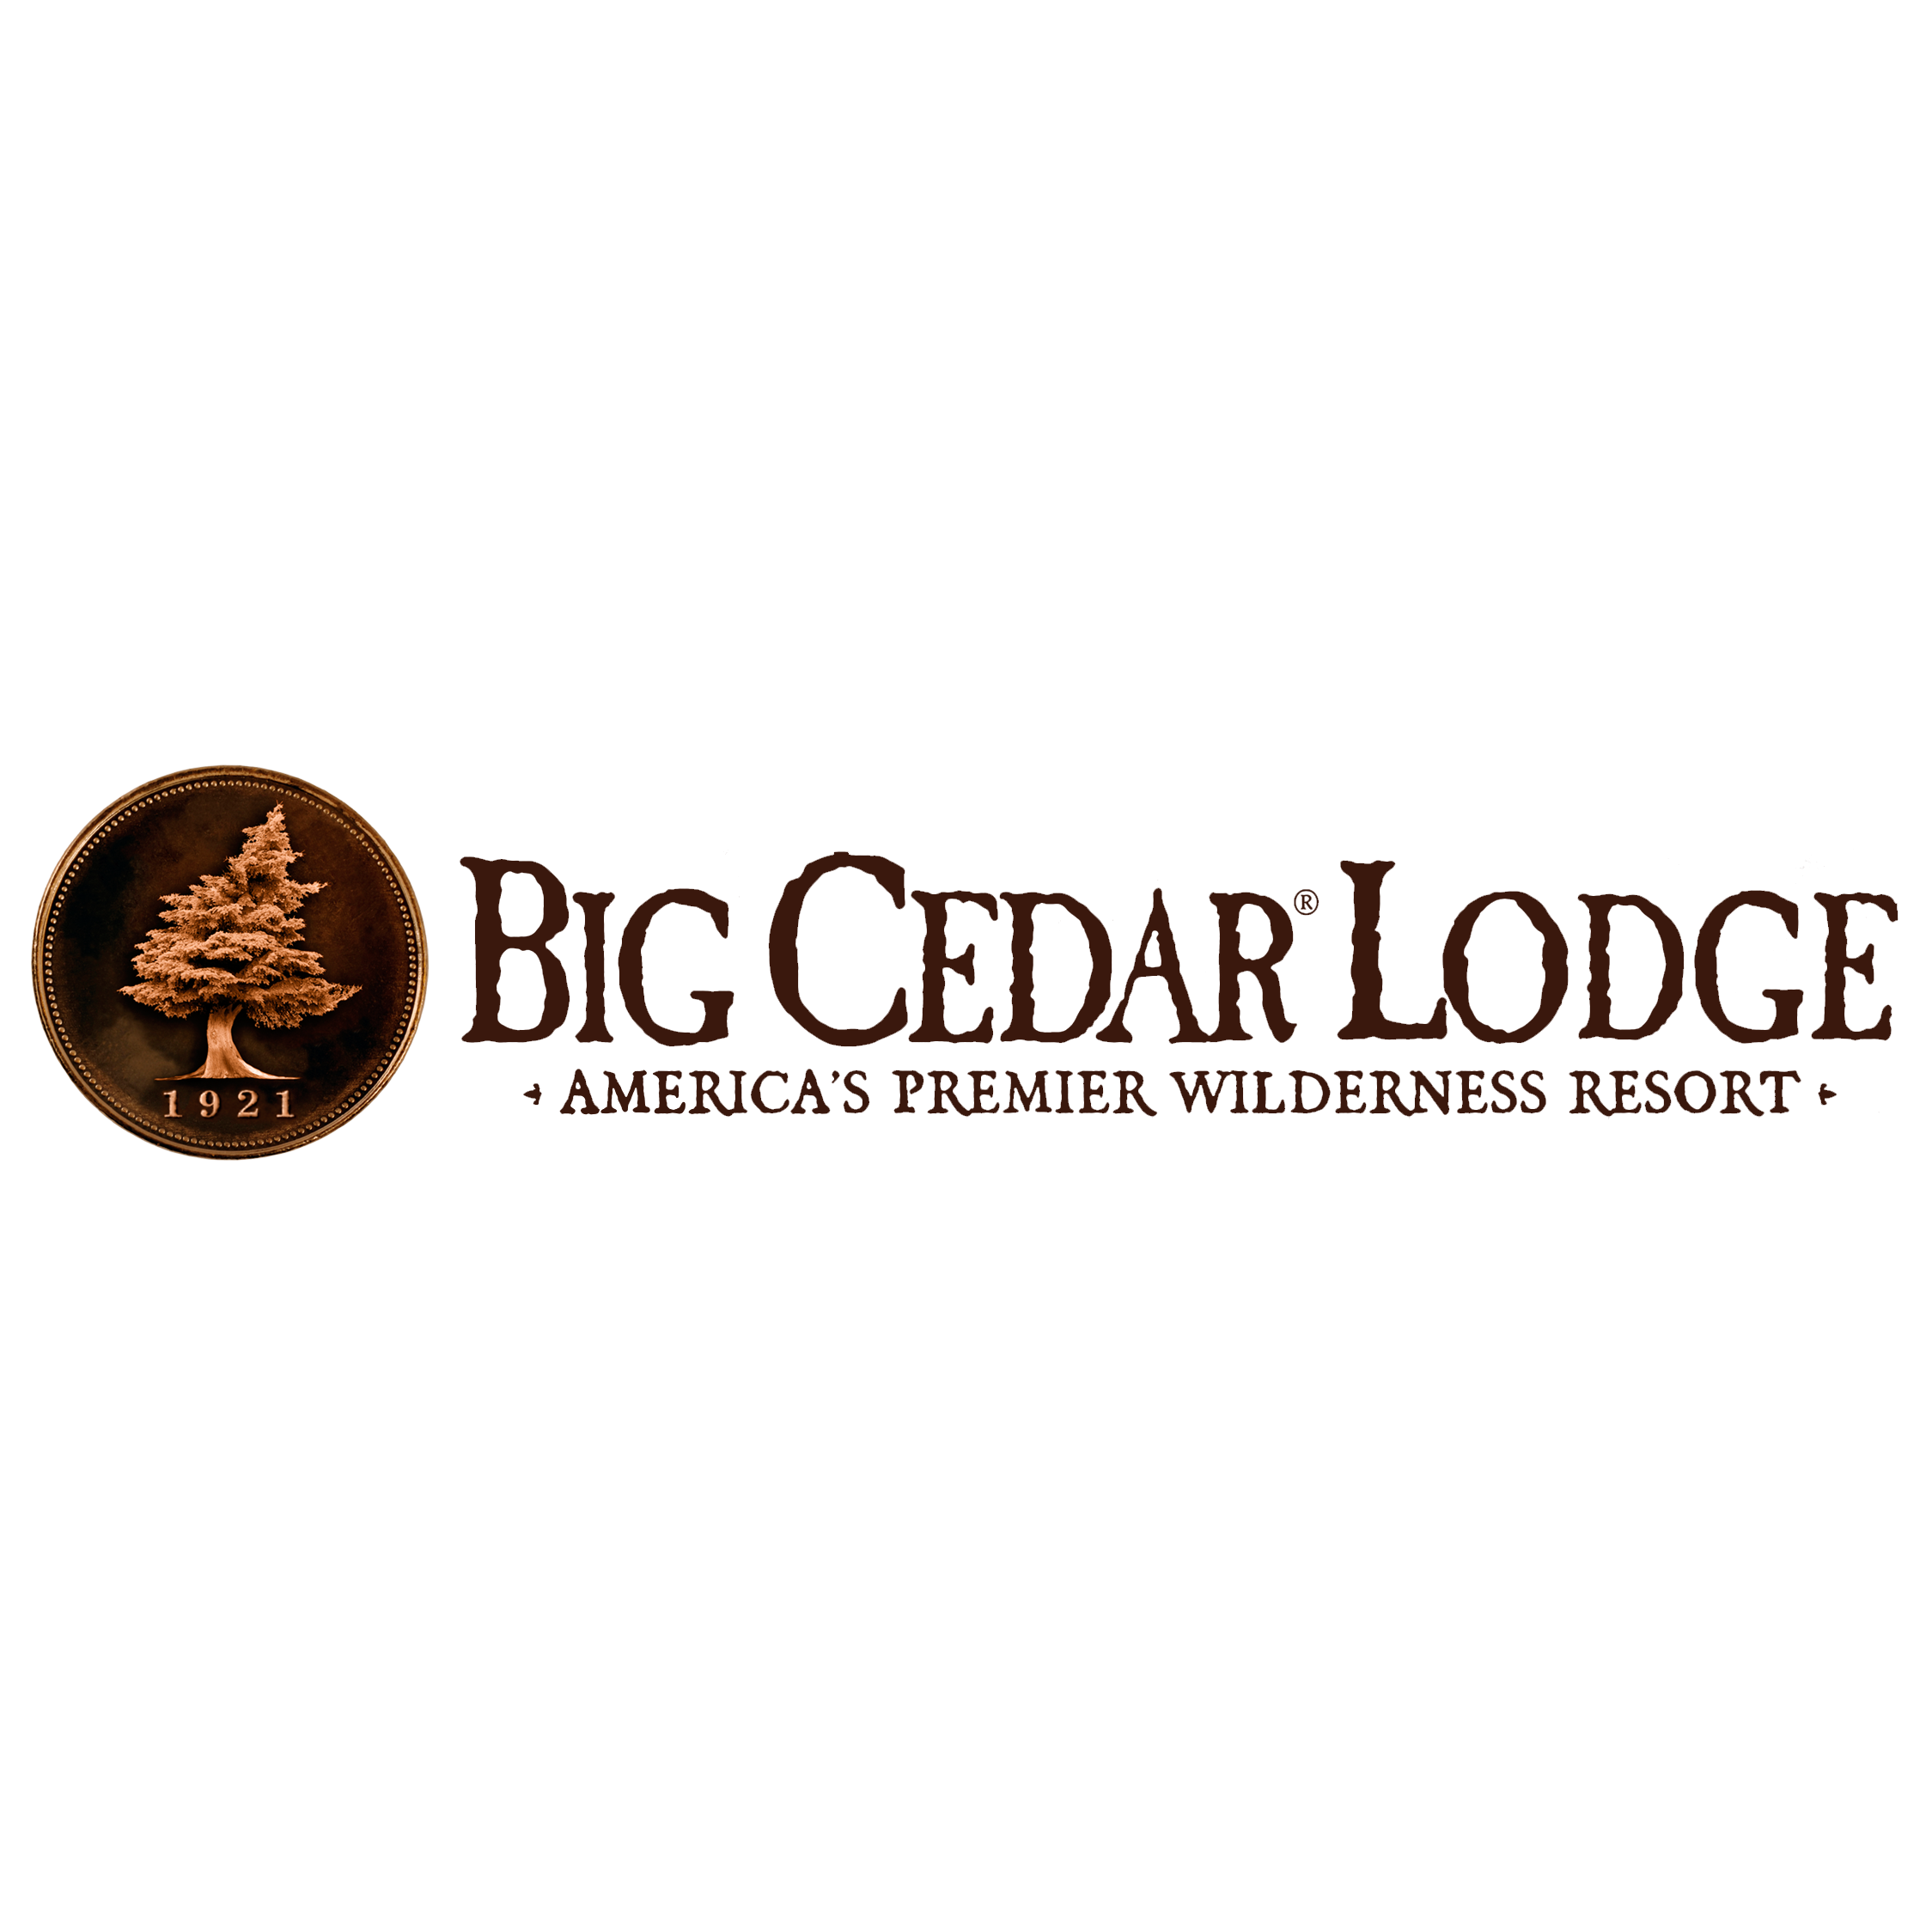 Big Cedar Lodge image 20